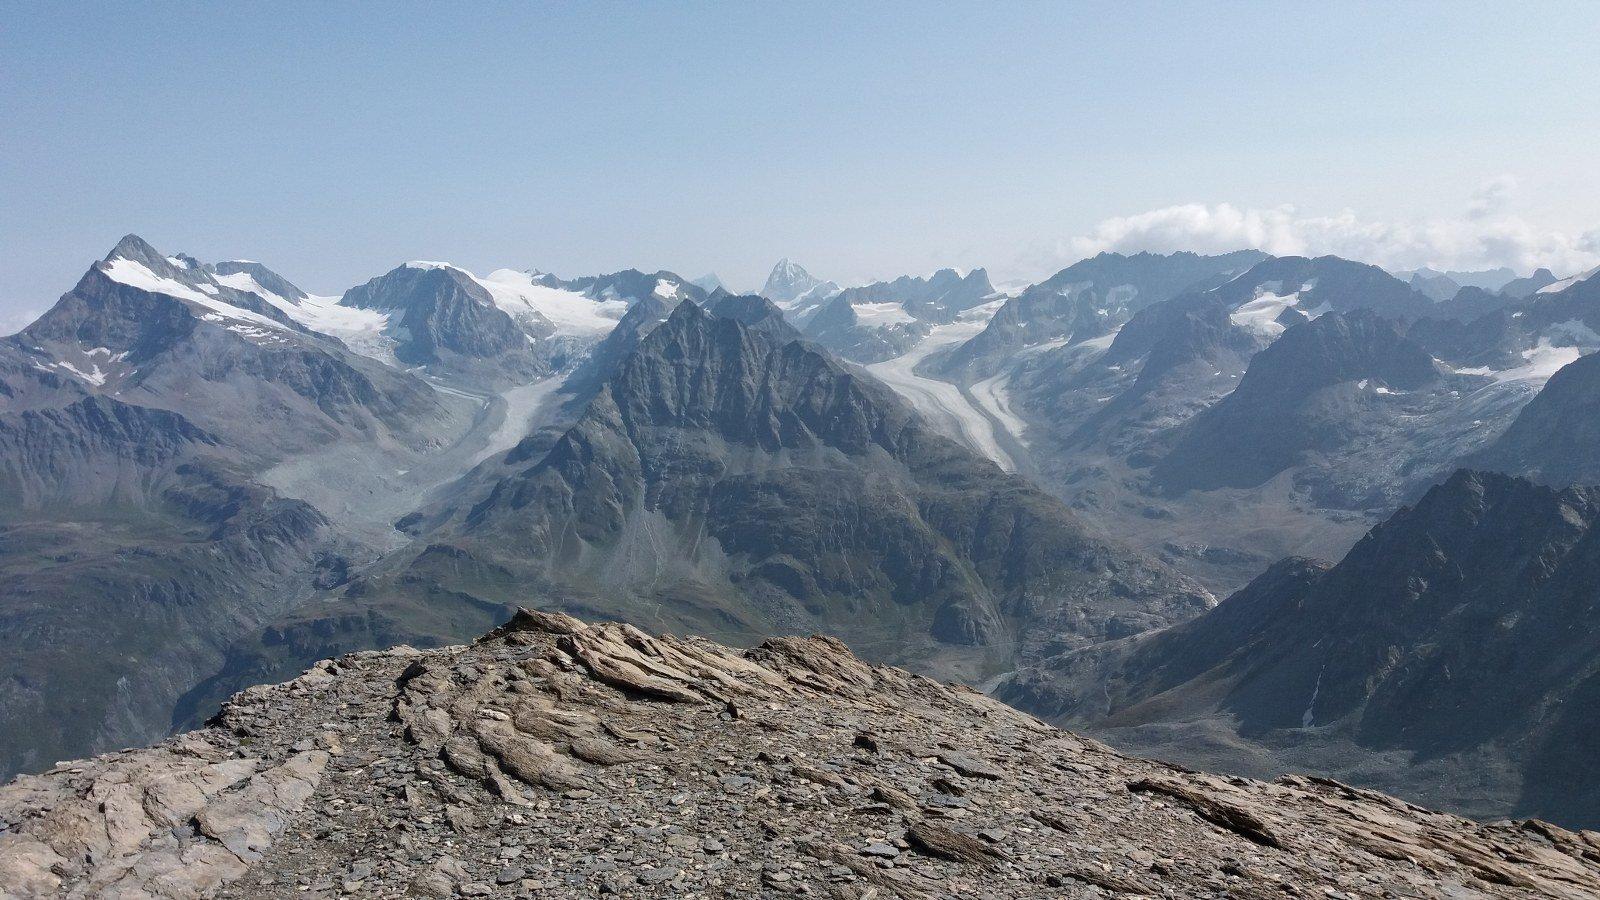 P.te d'Otemma al centro con il ghiacciaio de Brevay a sx e quello d'Otemma a dx